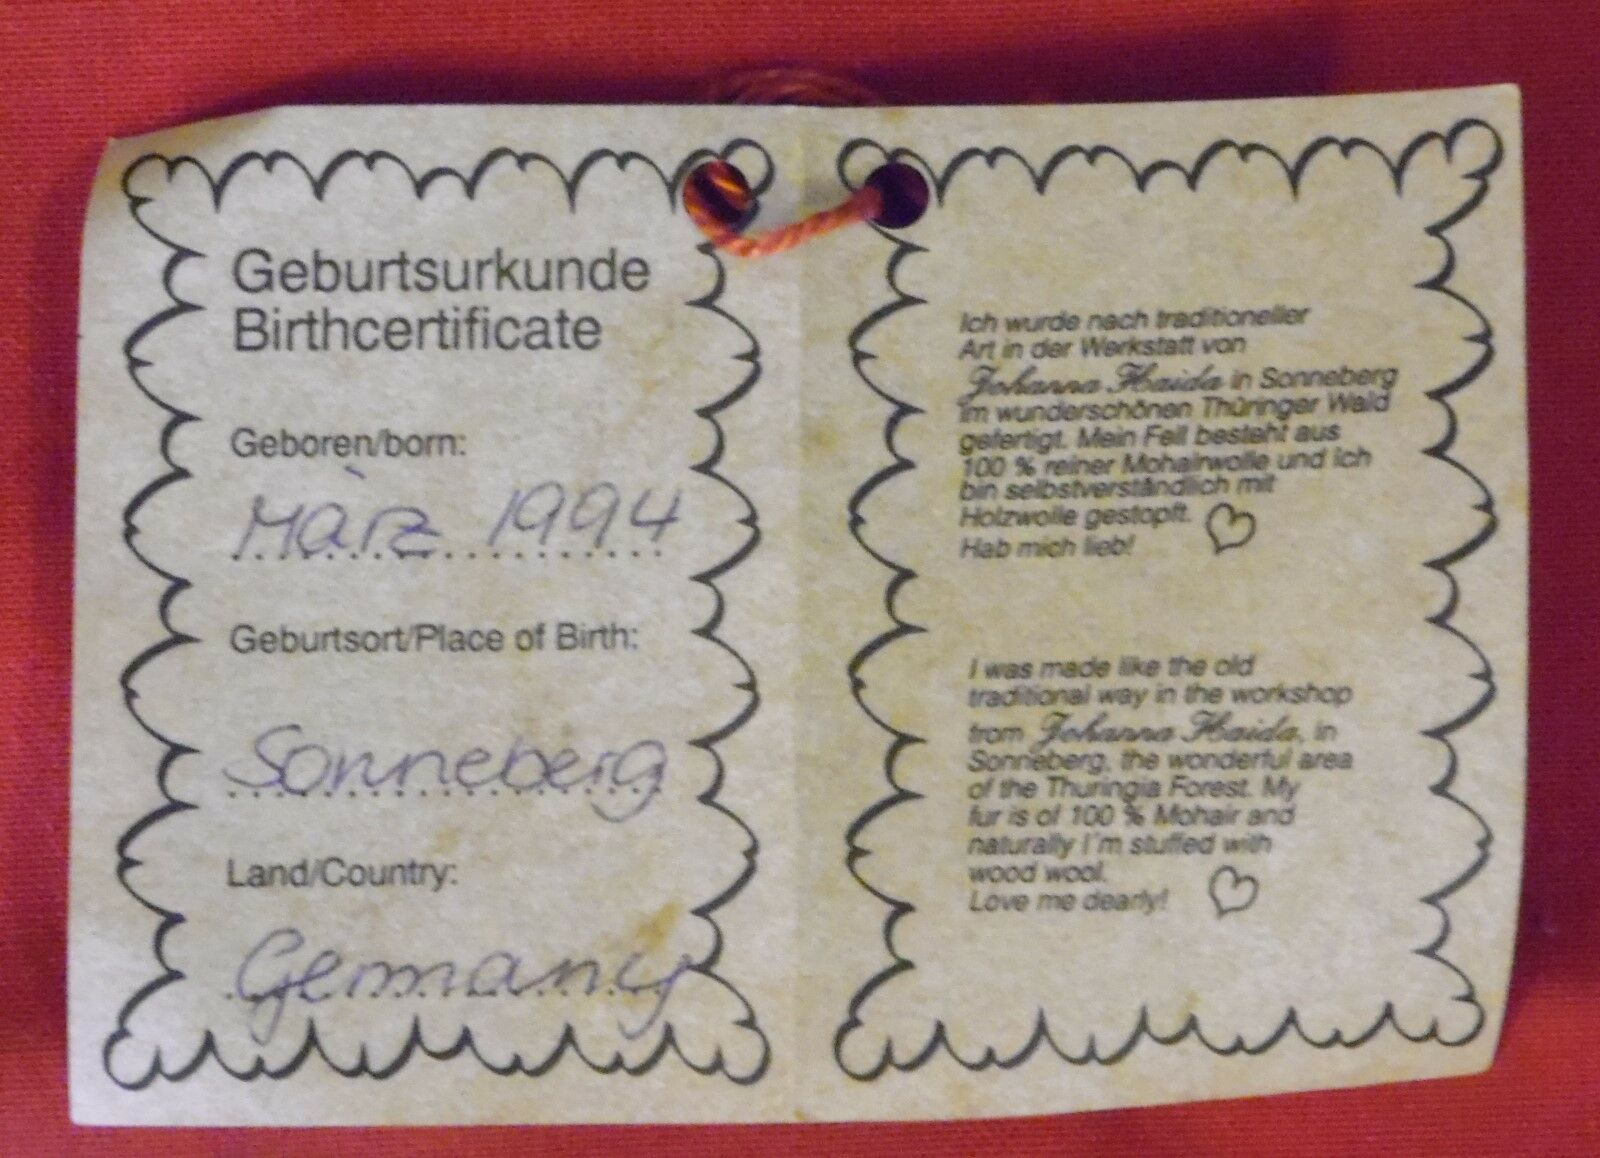 Teddybaer con brummstimme, olivenschorsch, Johanna Haida Haida Haida orsos, 30 CM, 1994 9d244b